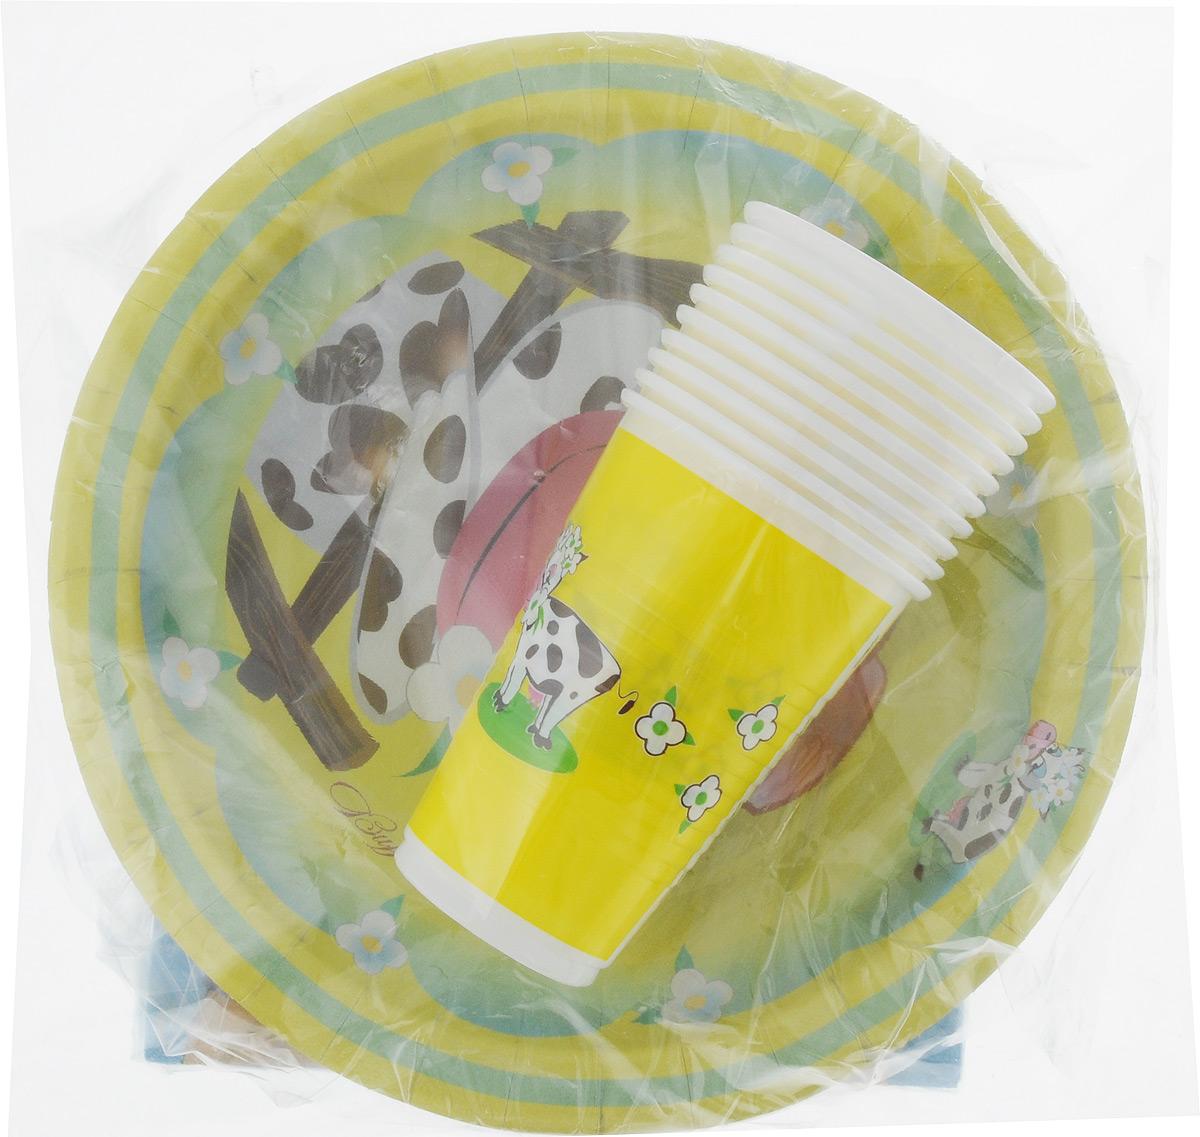 Набор одноразовой посуды Мистерия Детский, 40 предметов187415Набор одноразовой посуды Мистерия Детский на 10 персон включает 10 тарелок, 10 стаканов и 20 салфеток. Посуда предназначена для холодных и горячих (до +70°С) пищевых продуктов и напитков. Стаканы выполнены из прочного полипропилена, а тарелки - из ламинированного картона. В комплекте также имеются двухслойные бумажные салфетки. Все предметы набора дополнены ярким красочным рисунком. Такой набор посуды отлично подойдет для отдыха на природе, пикников, а также детских праздников. В нем есть все необходимое. Он легкий и не занимает много места, а самое главное - после использования его не надо мыть. Объем стакана: 200 мл. Диаметр стакана (по верхнему краю): 7 см. Высота стакана: 10 см. Диаметр тарелки: 23 см. Размер салфетки: 33 х 33 см.